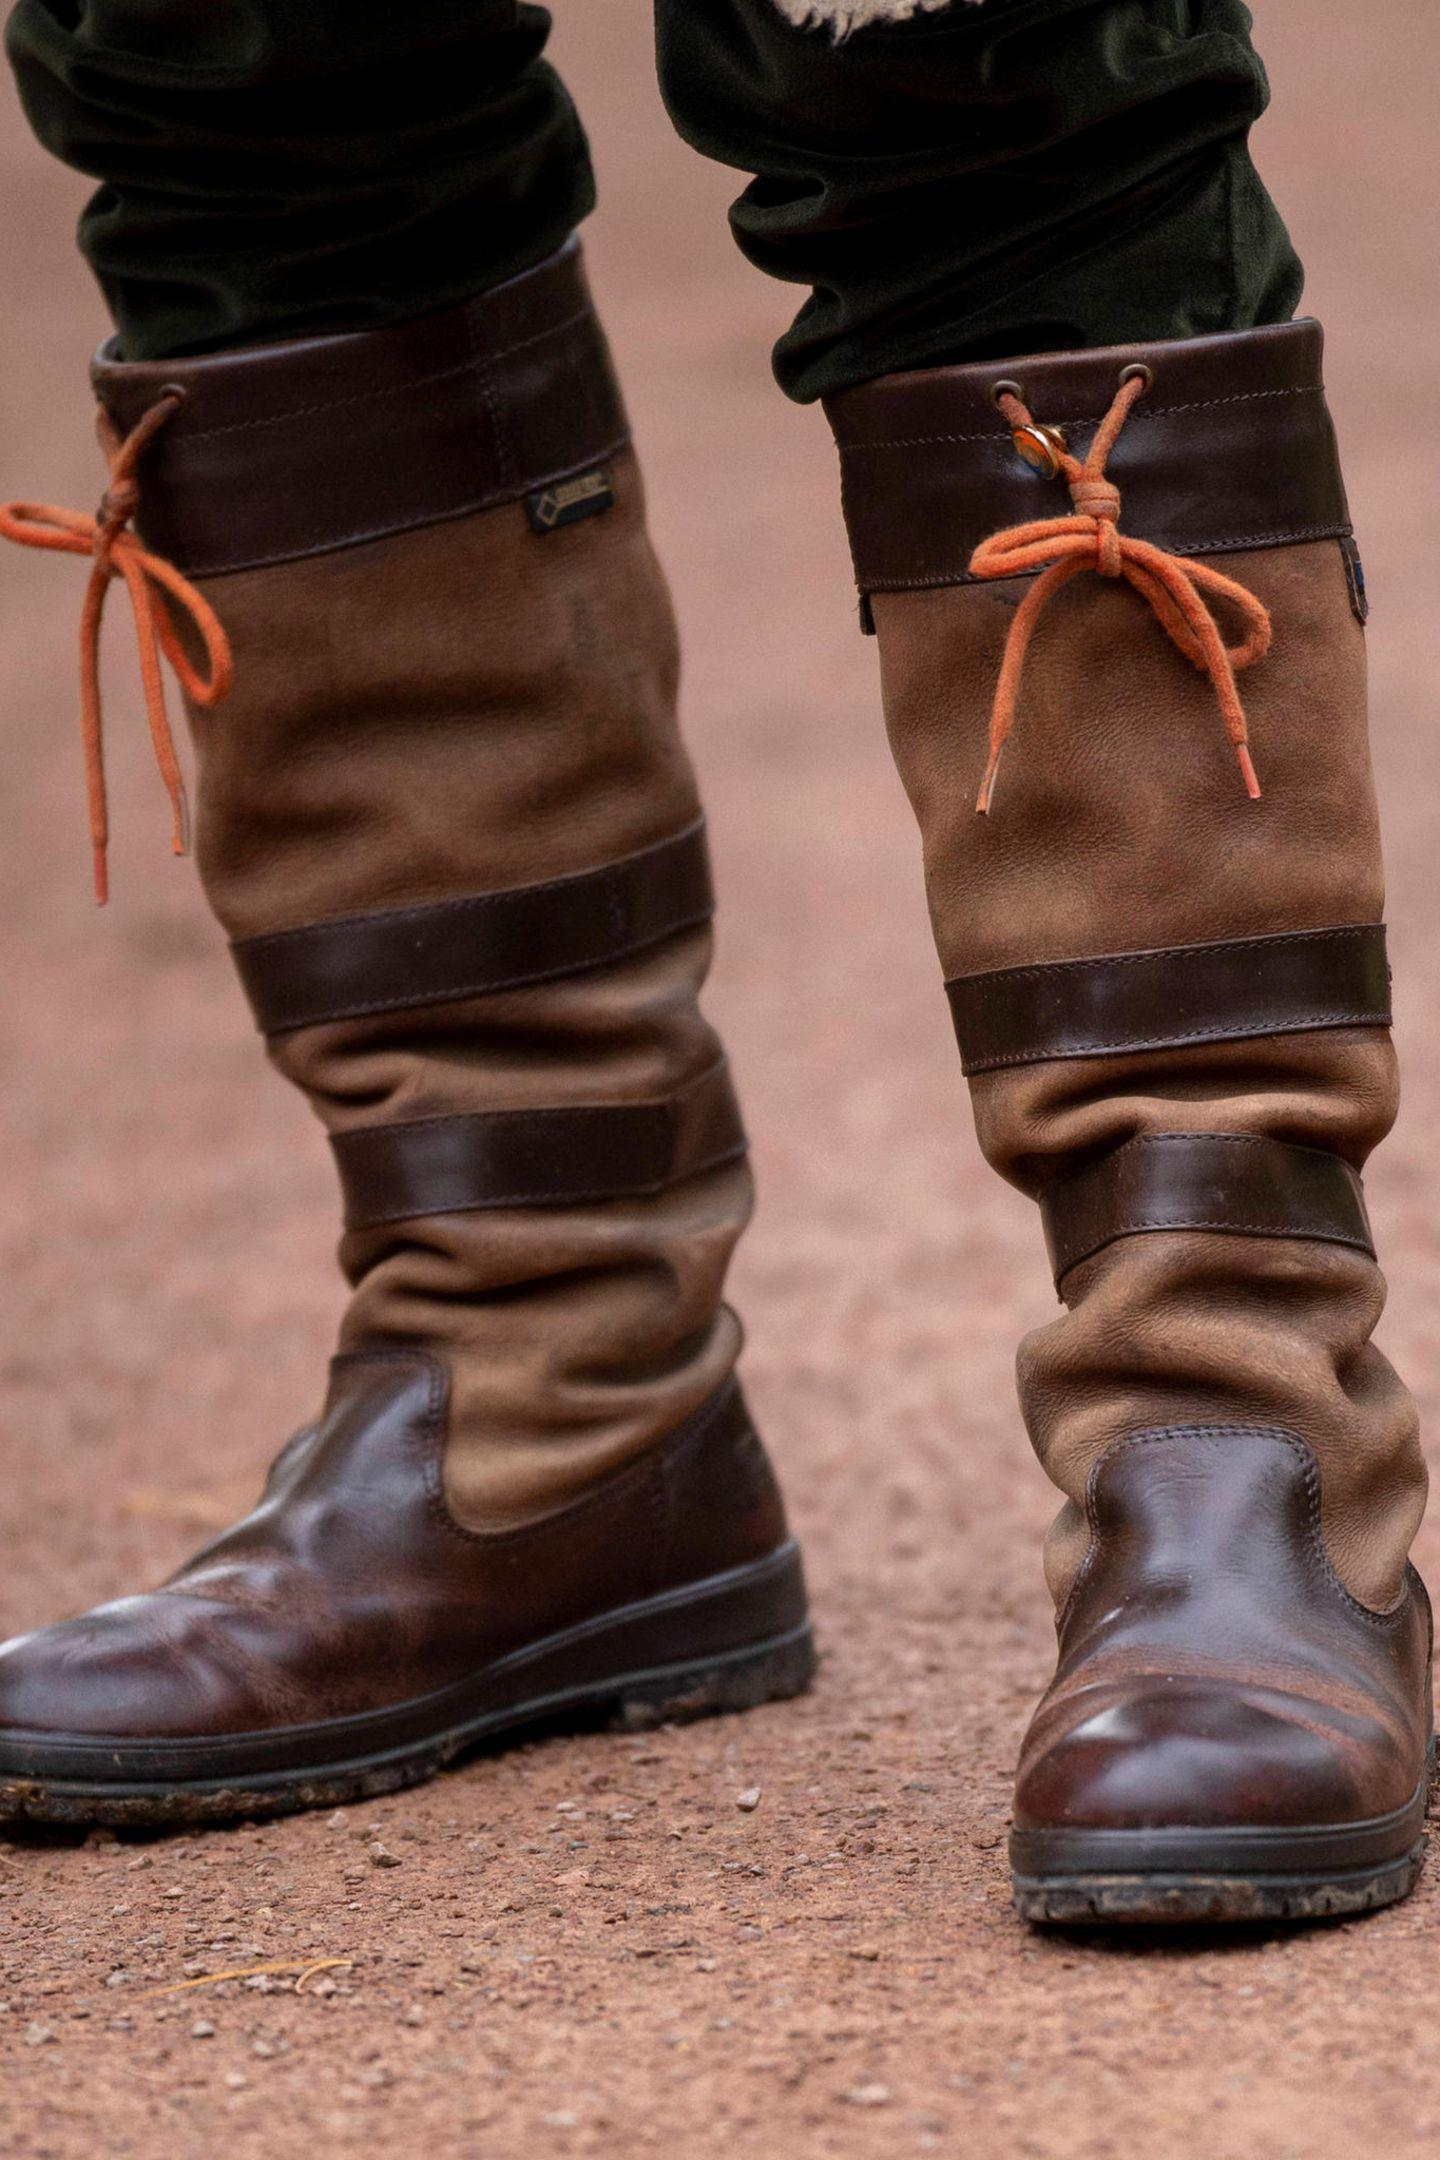 """Der Stiefel """"Galway"""" des TraditionslabelsDubarrybesticht insbesonderedurch seinenGlatt- und Rauleder-Mix in der Farbe Dunkelbraun sowie durch eineorangefarbeneSchnürung unterhalb des Knies. Royals und Naturfreunde lieben den Allwetter-Schuh für rund 380 Euro. So zeigt sich beispielsweise Herzogin Kate ...."""